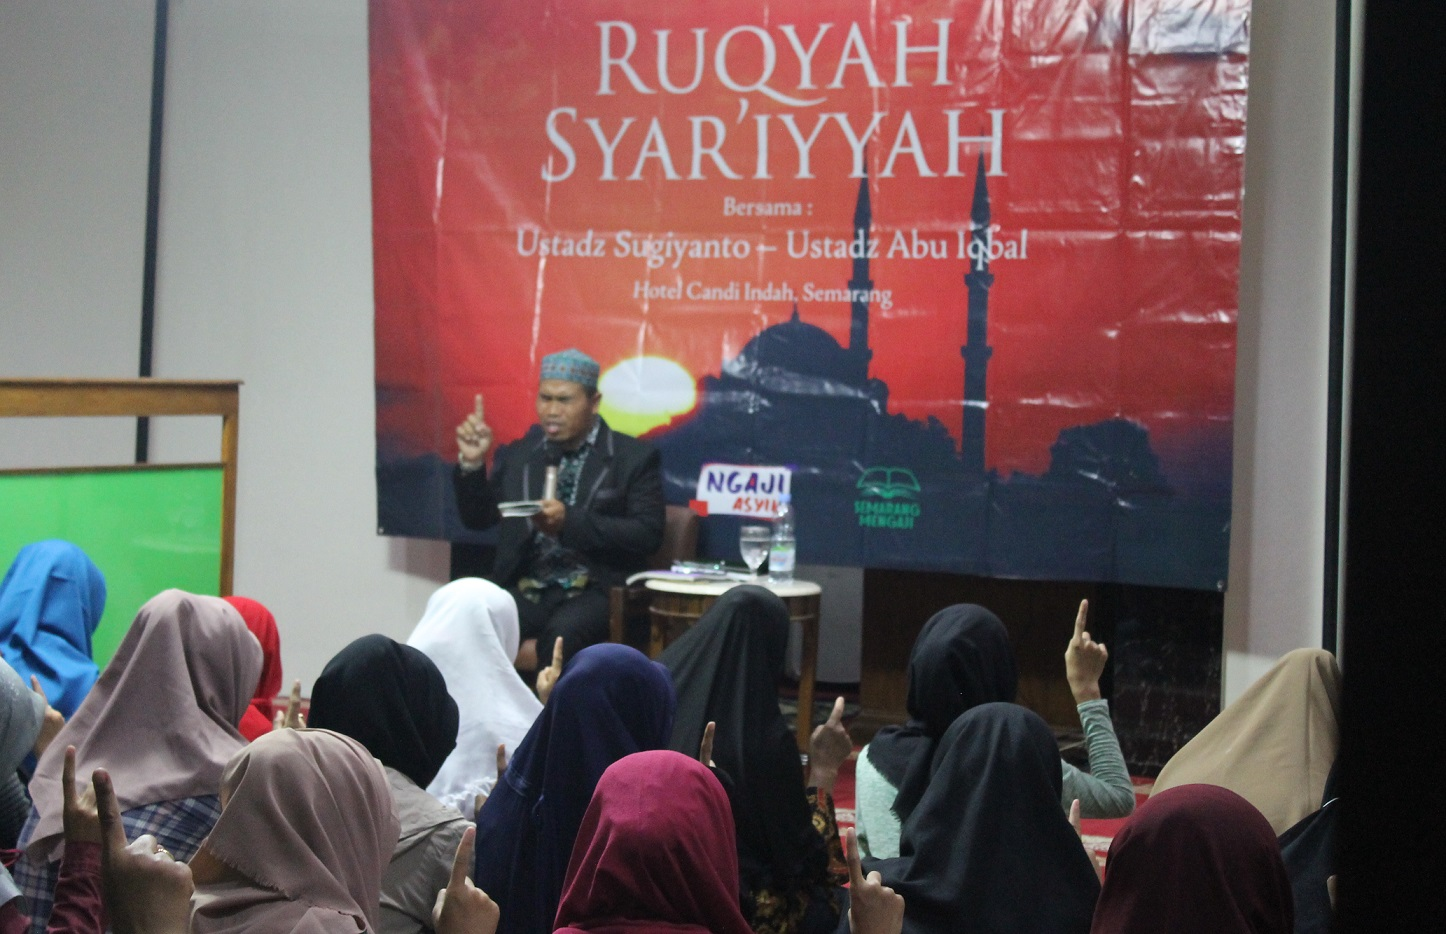 Majelis Hati Kota Semarang menggelar kegiatan ruqyah gratis di masjid sebuah hotel di Semarang, Rabu 19 September 2018.